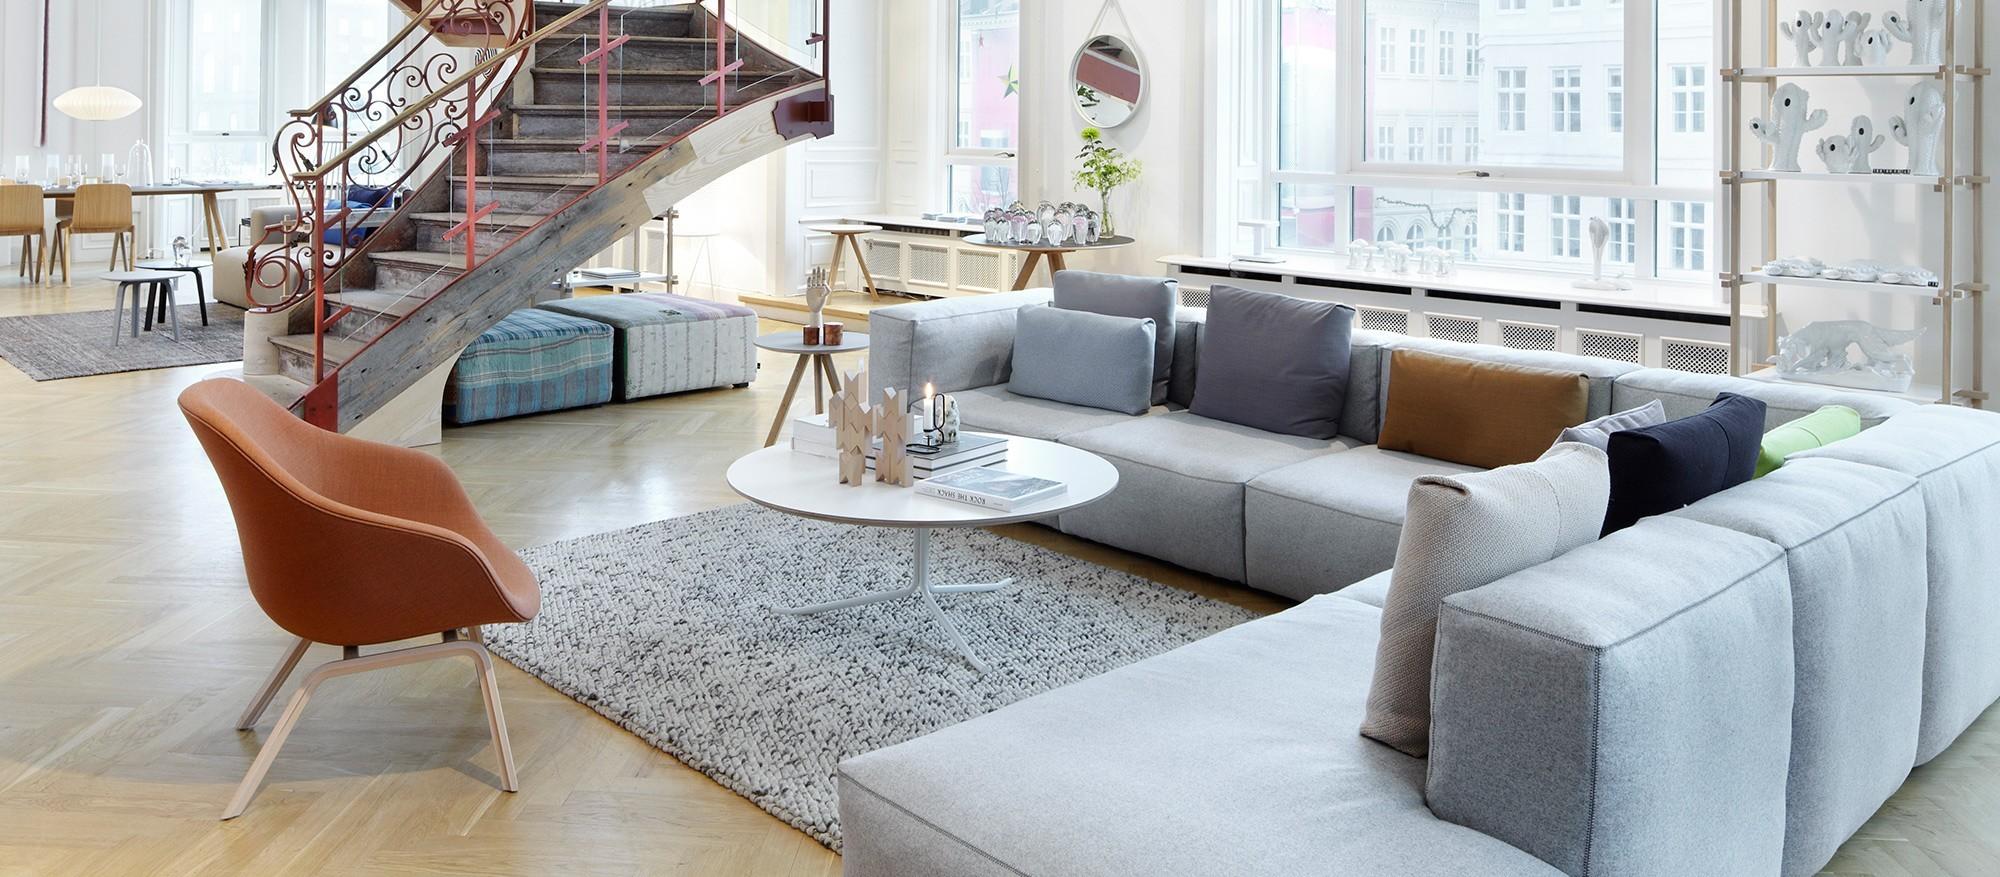 #67382422227052 Hay Design Meubelen Interieur Plus Meest recente Design Meubels Hay 2211 pic 20008772211 Ontwerp